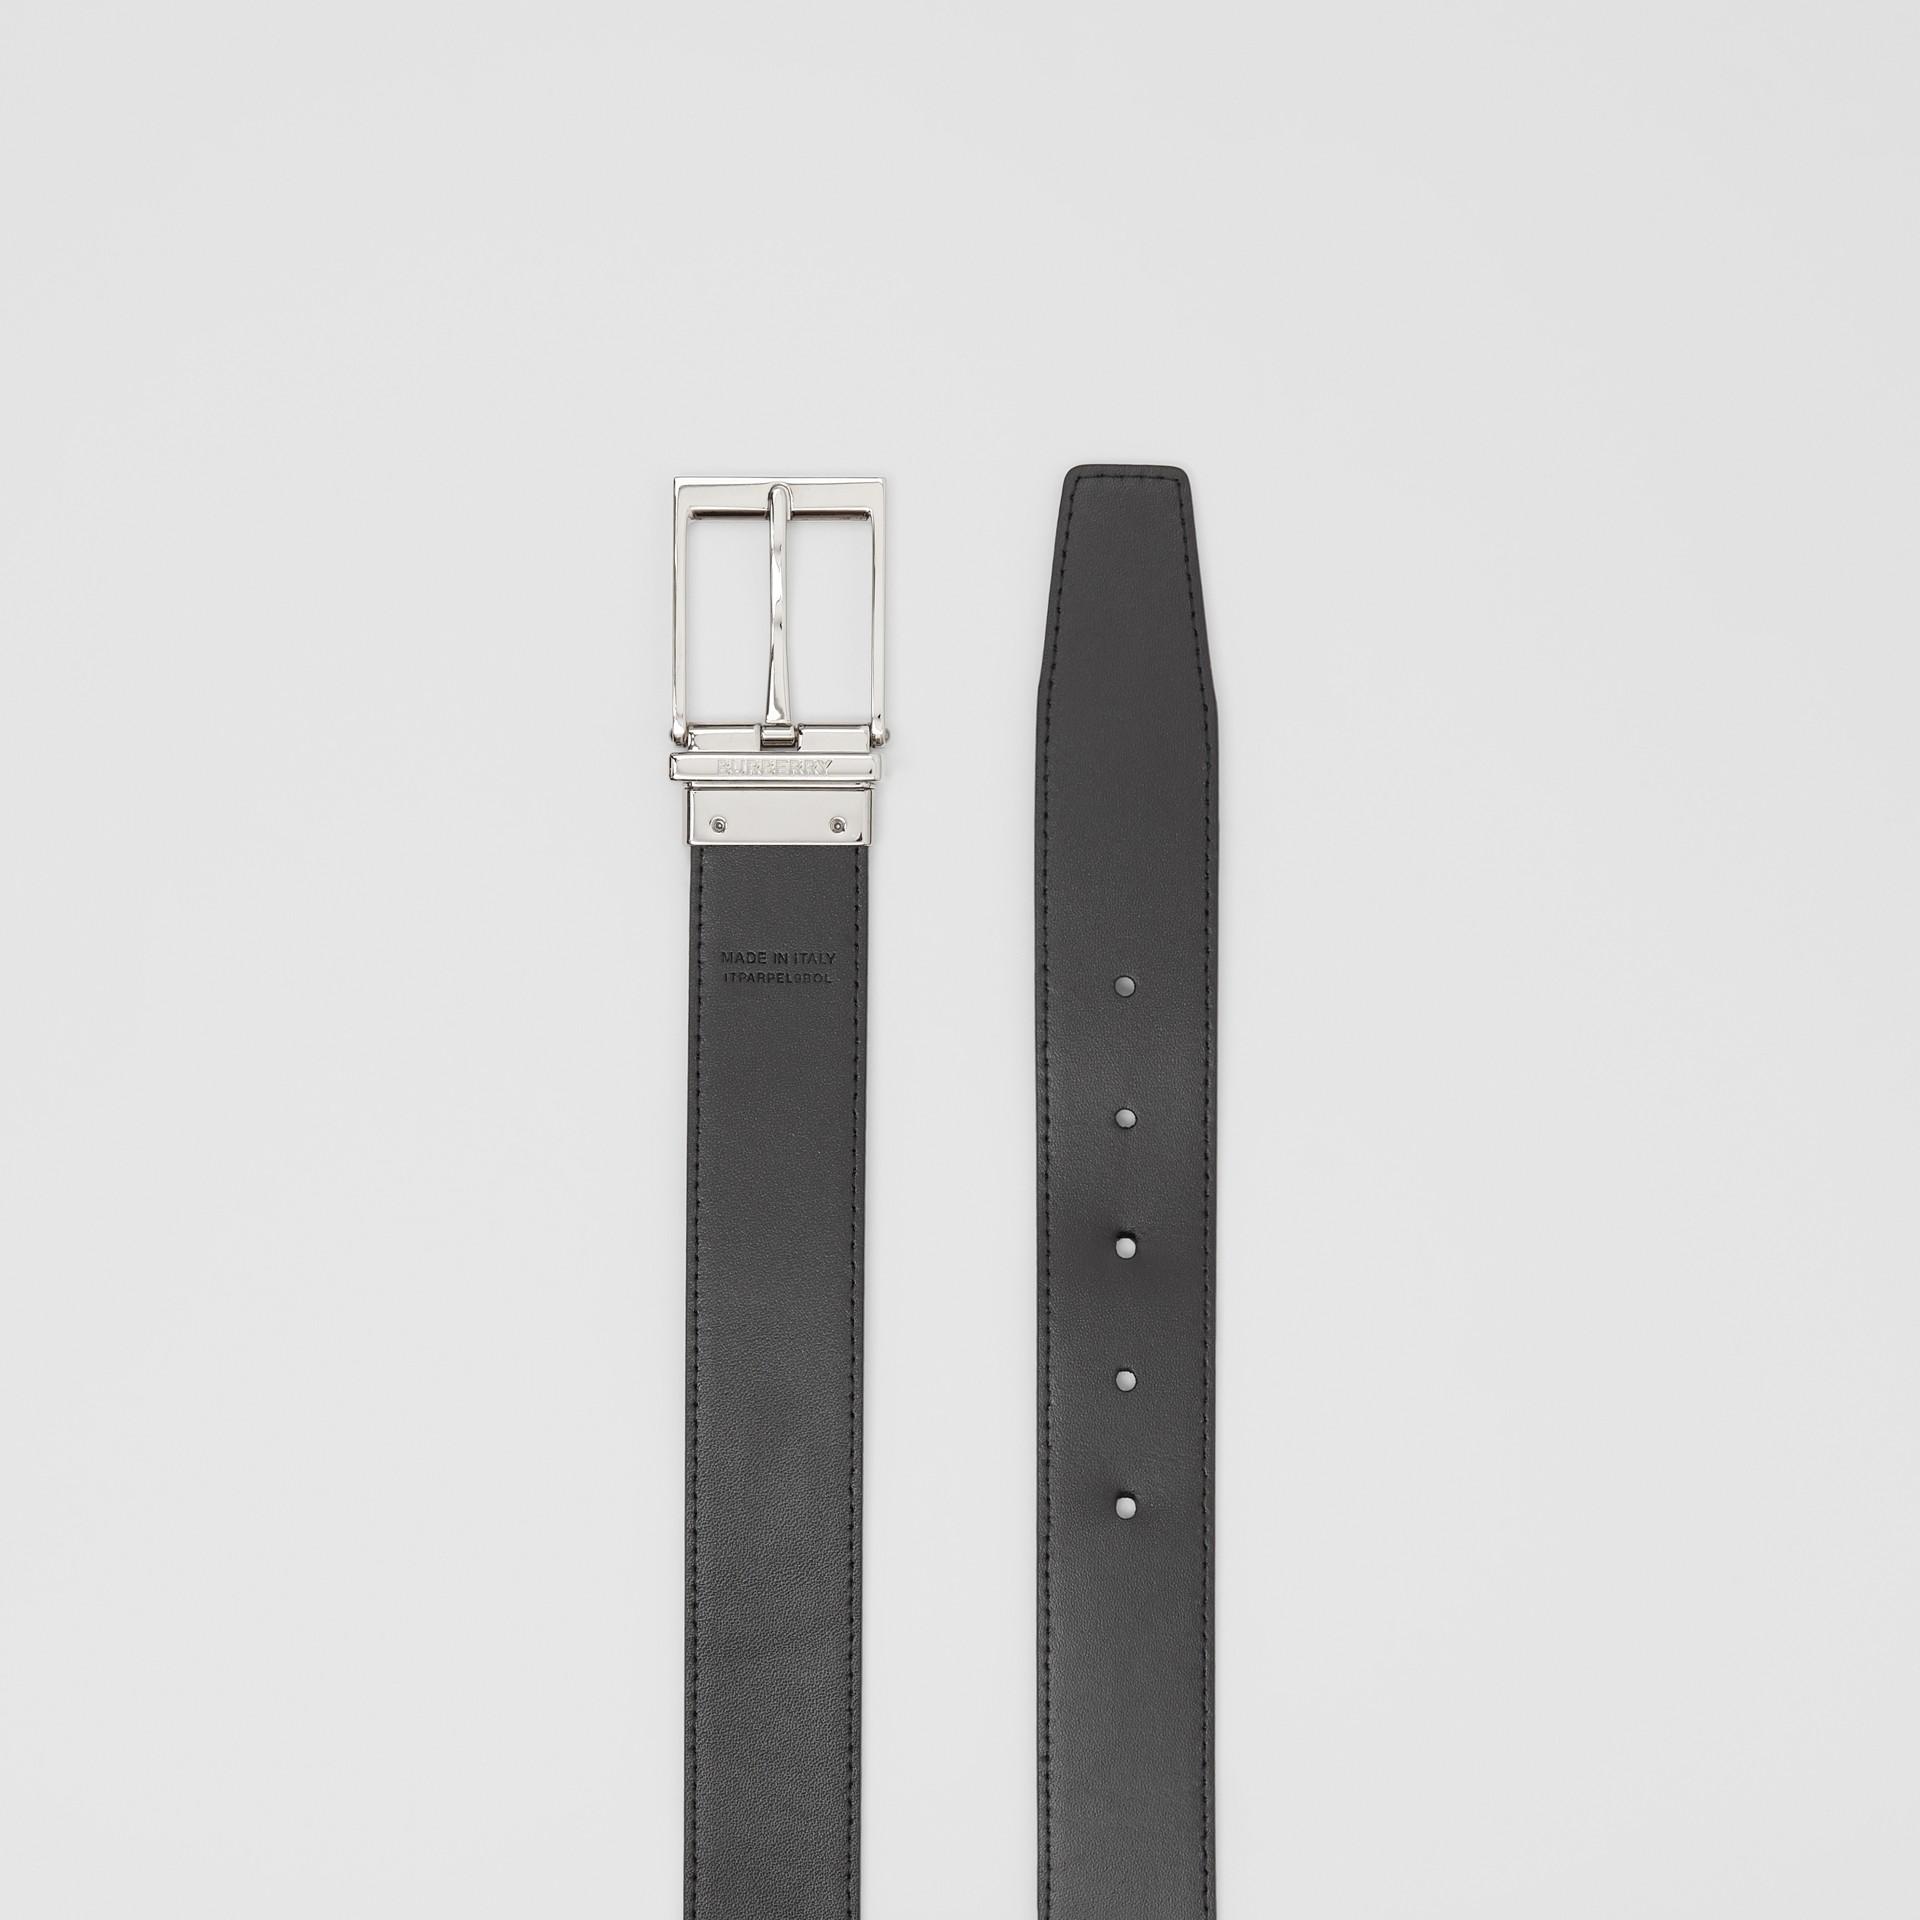 リバーシブル ロンドンチェック&レザー ベルト (ネイビー/ブラック) - メンズ | バーバリー - ギャラリーイメージ 6